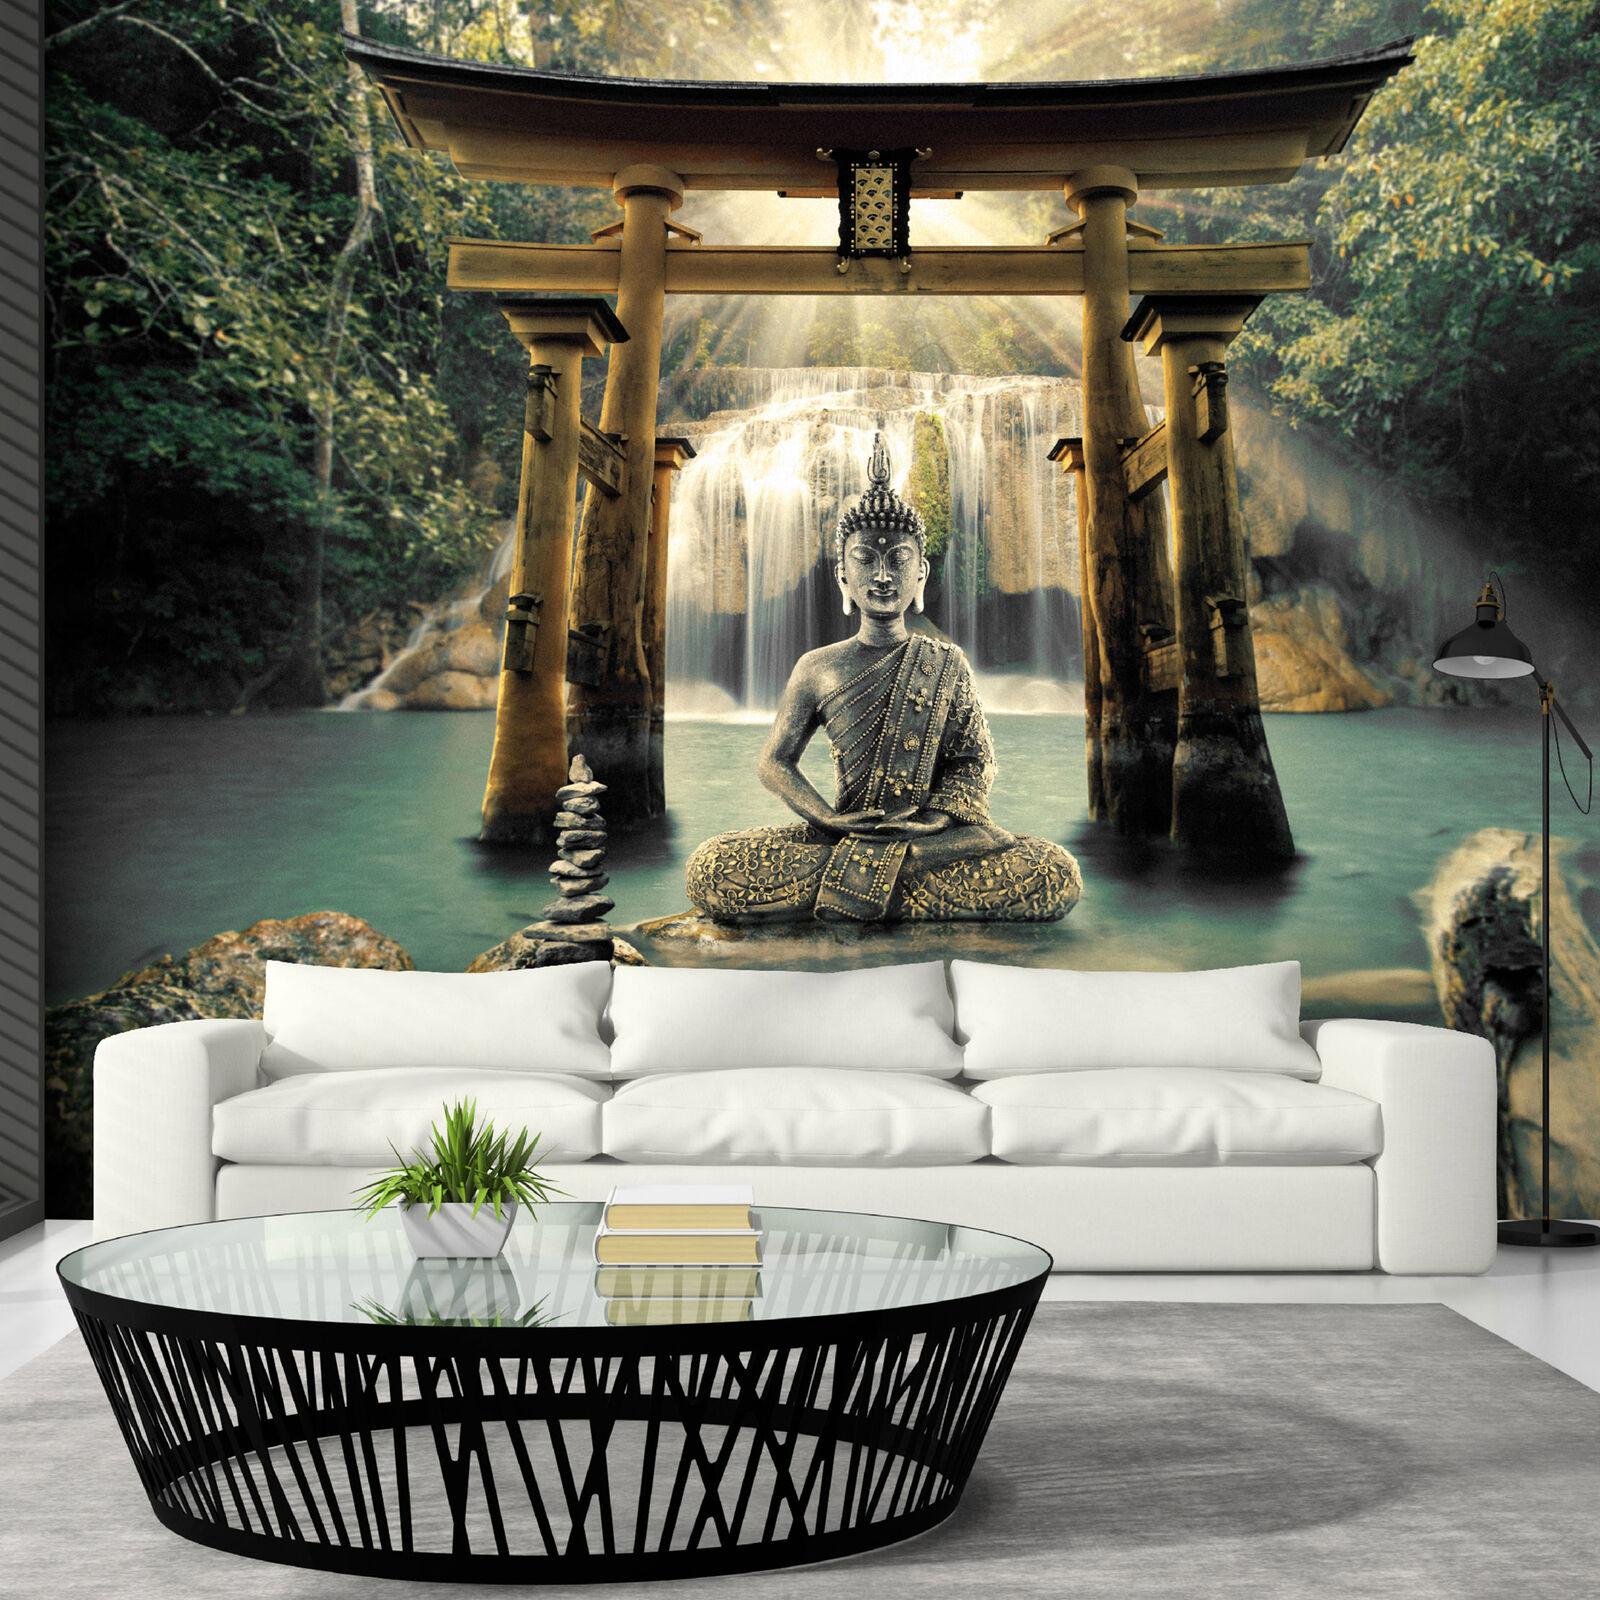 Vlies Fototapete Buddha Wasserfall Tapete Wandbilder xxl 3 Farben p-A-0033-a-b